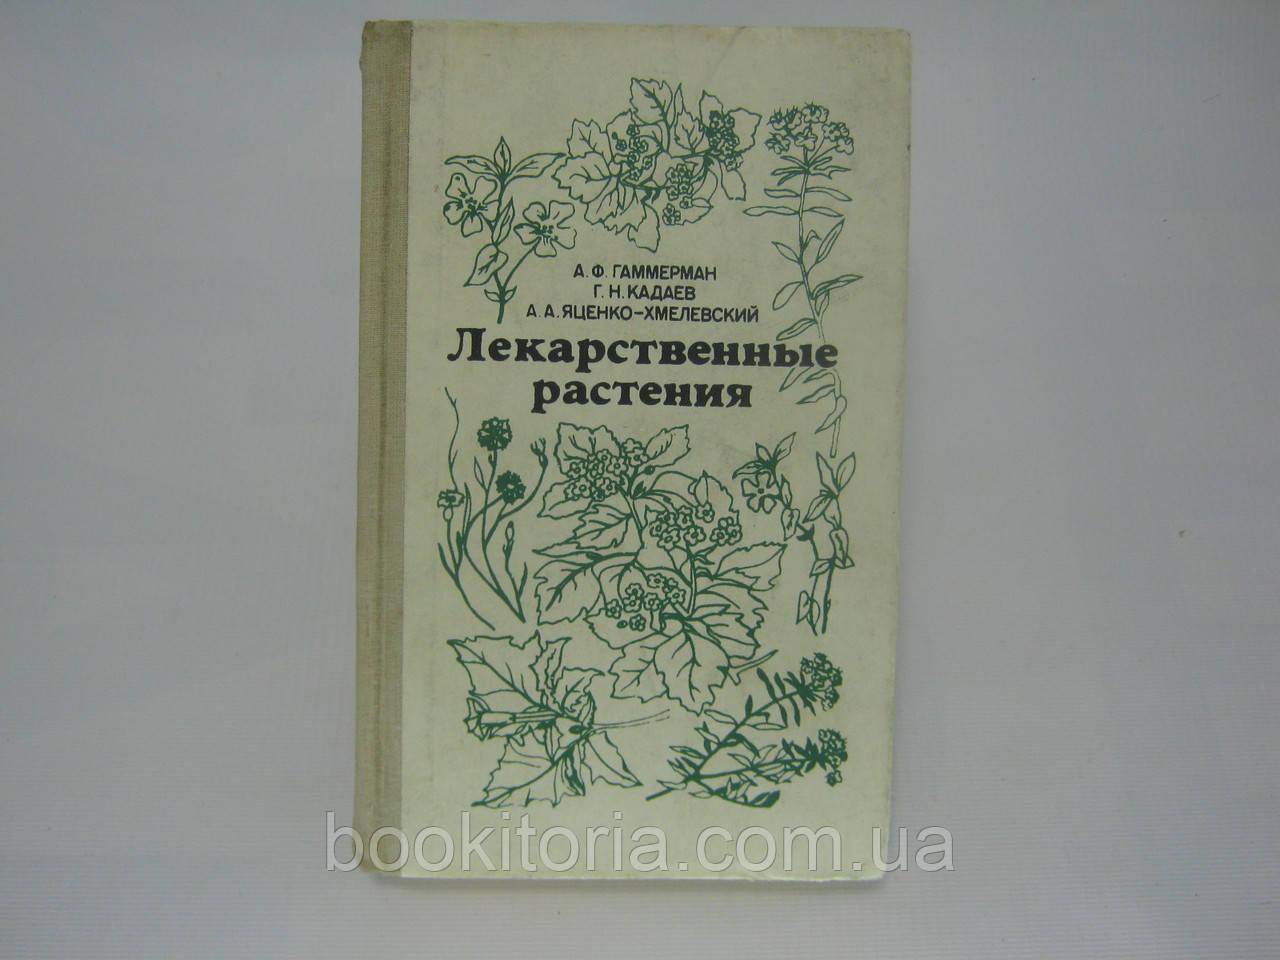 Гаммерман А.Ф. и др. Лекарственные растения (Растения-целители) (б/у).